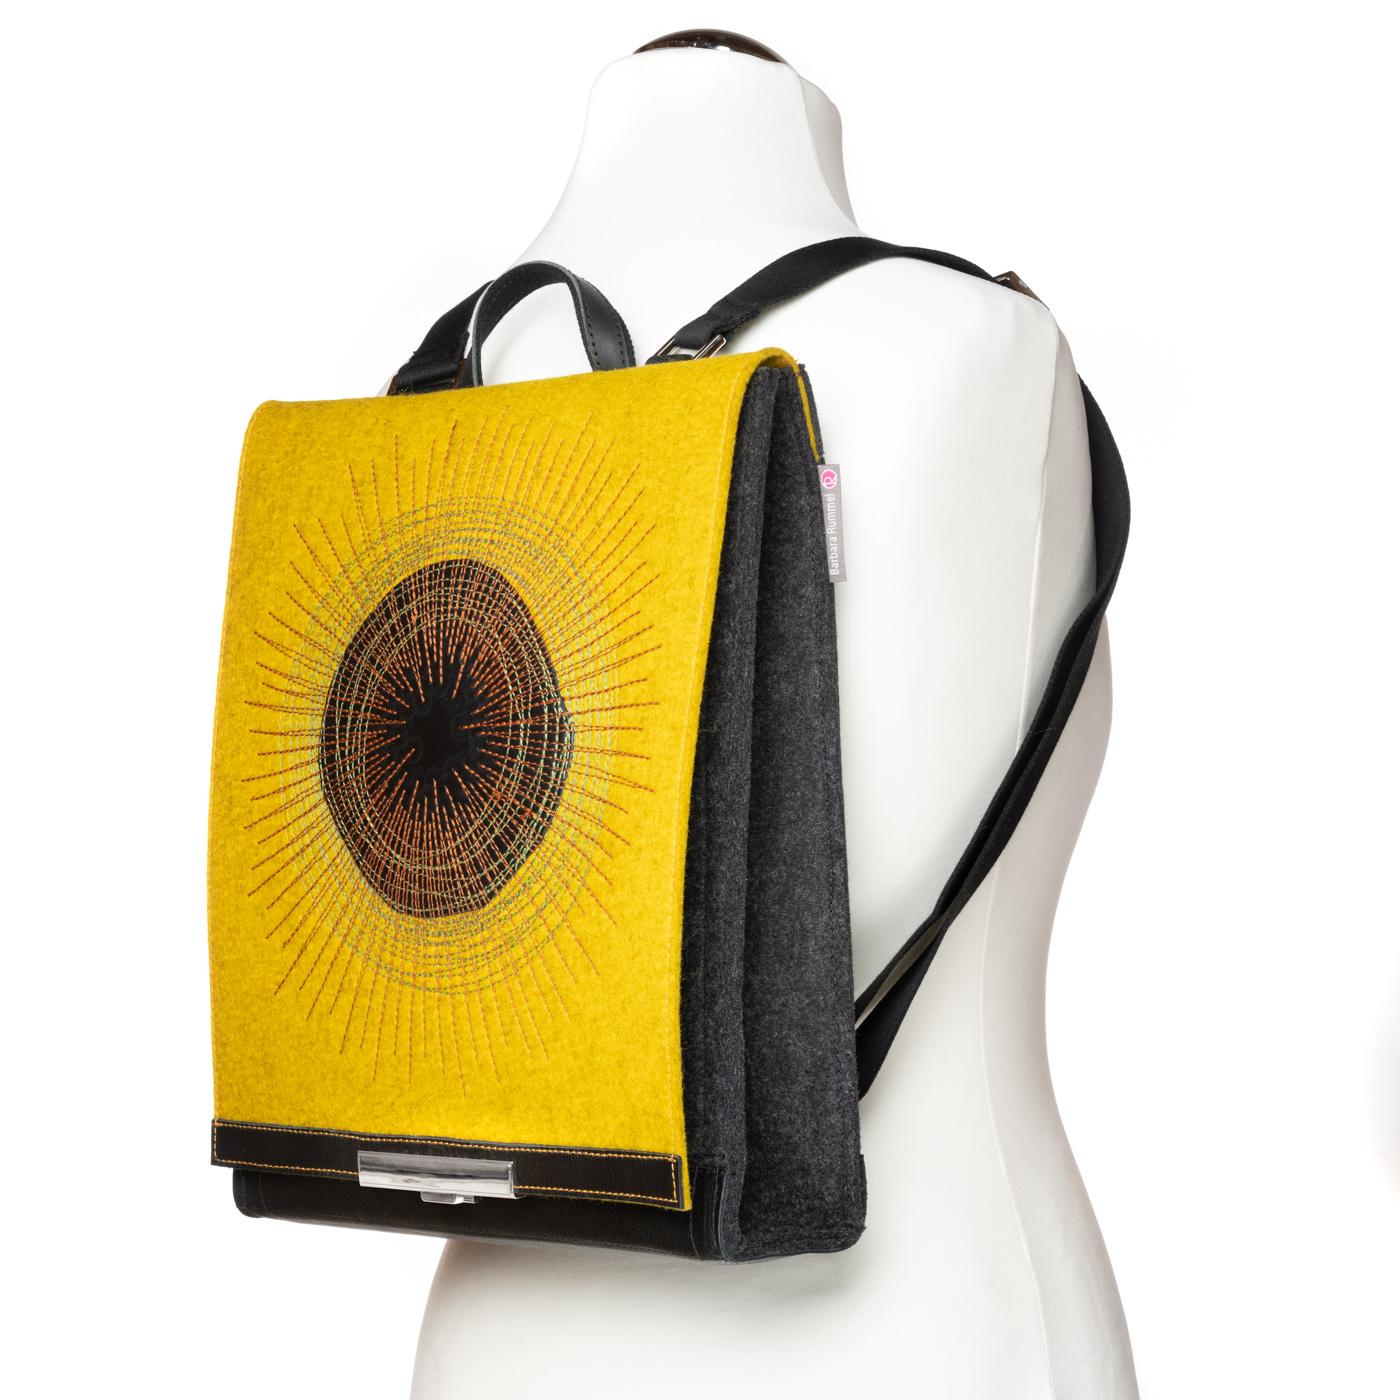 _DSC1632-Barbara-Rummel-Handtaschen-aus-Filz-und-Leder